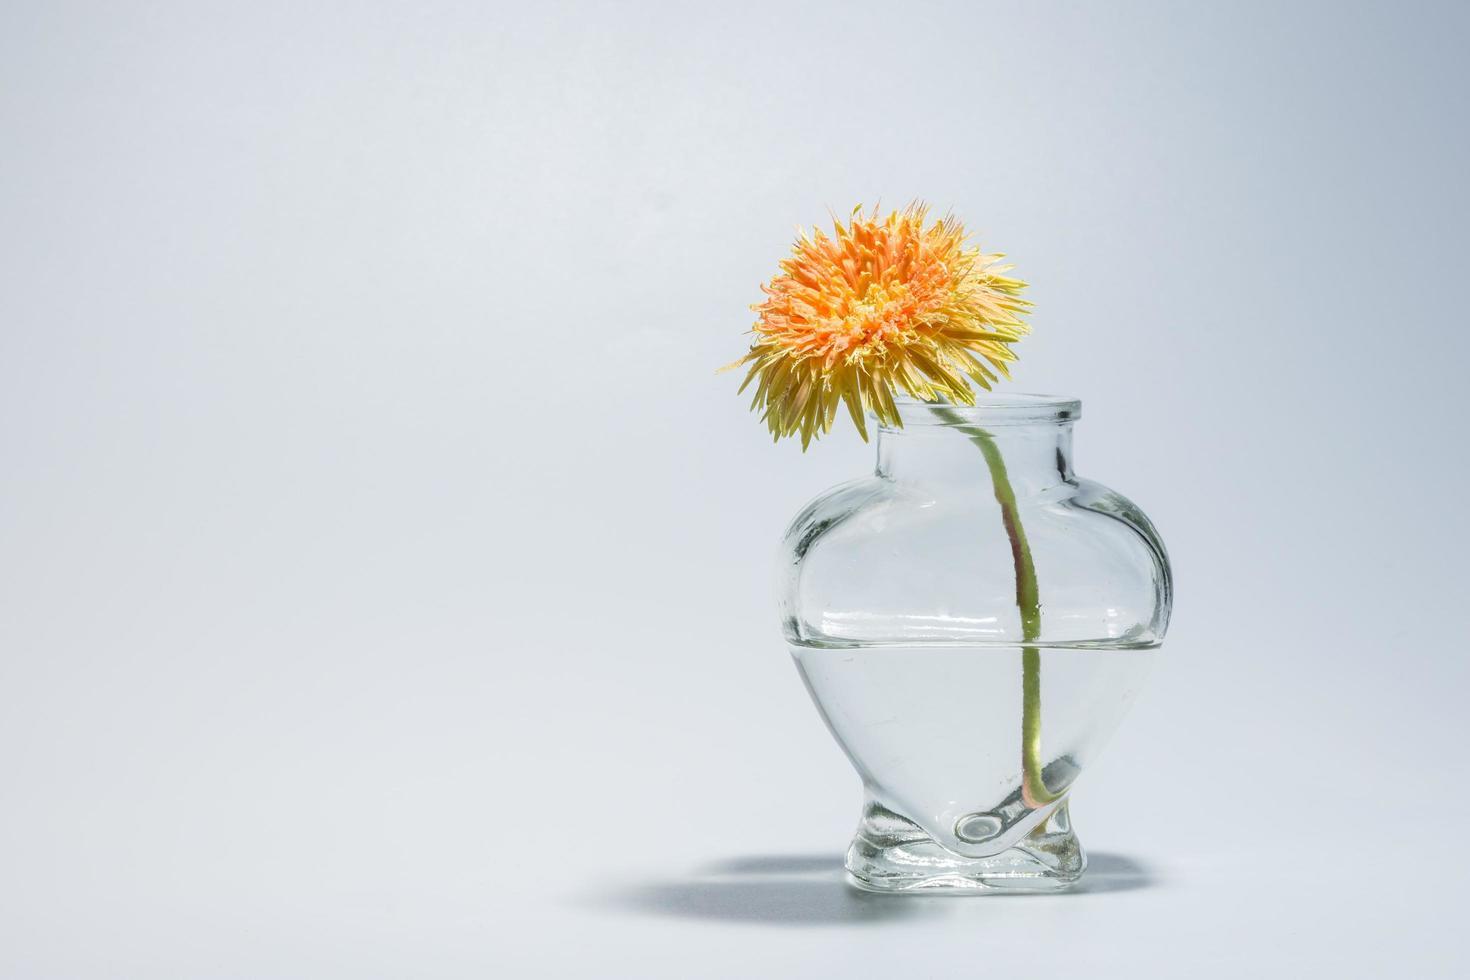 fiore in un vaso trasparente foto